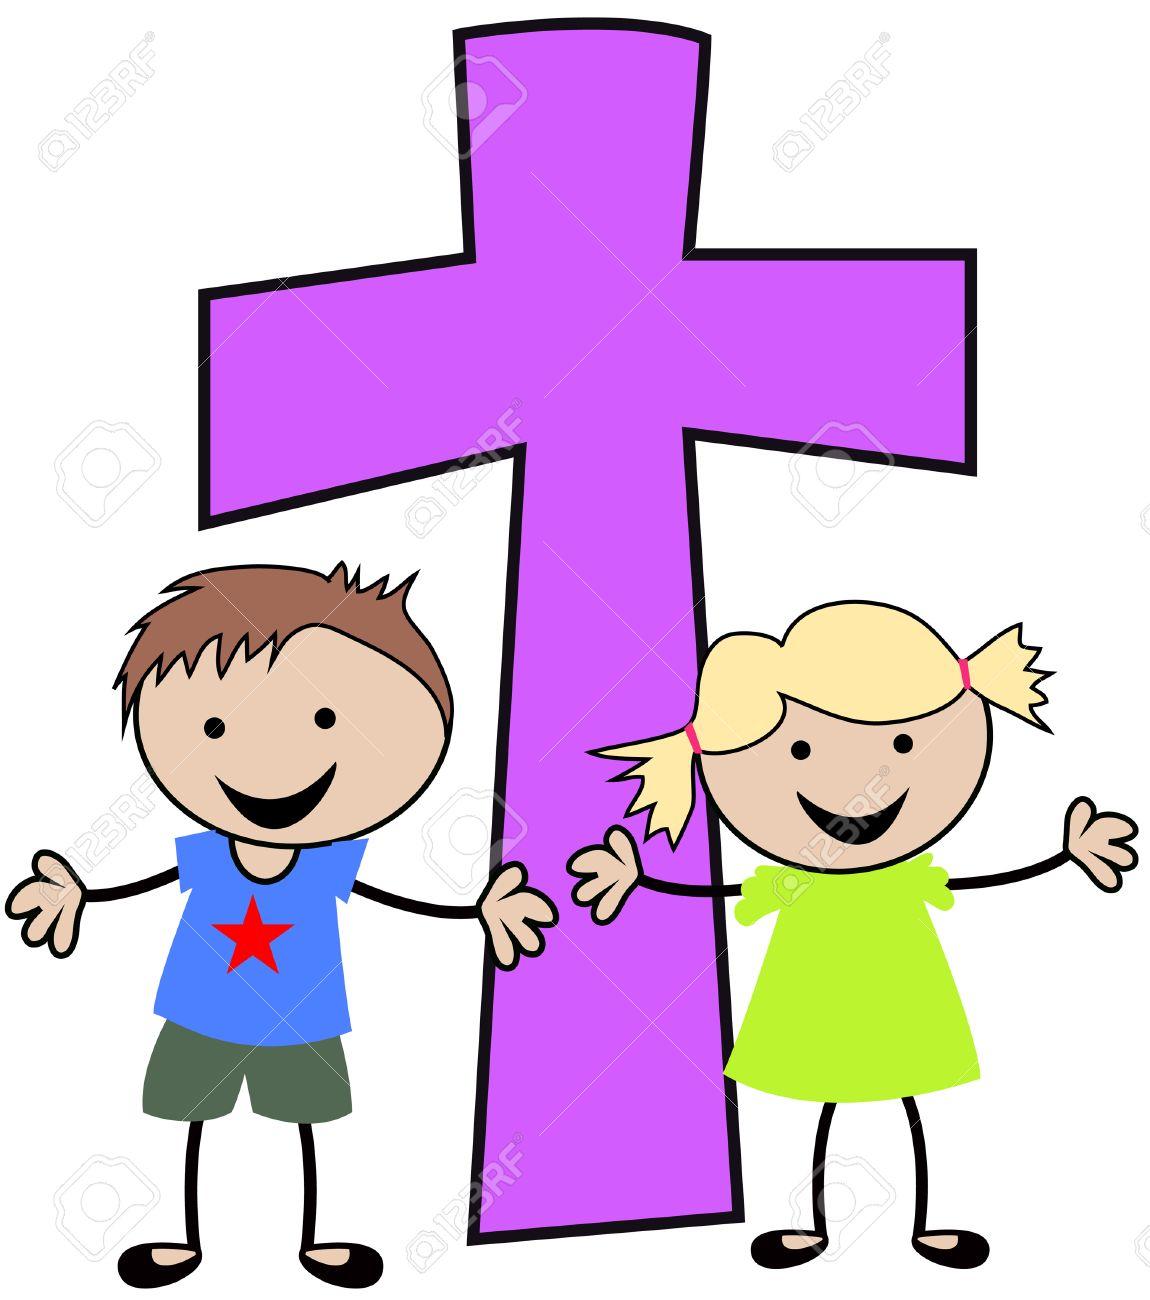 Christian Clipart For Children.